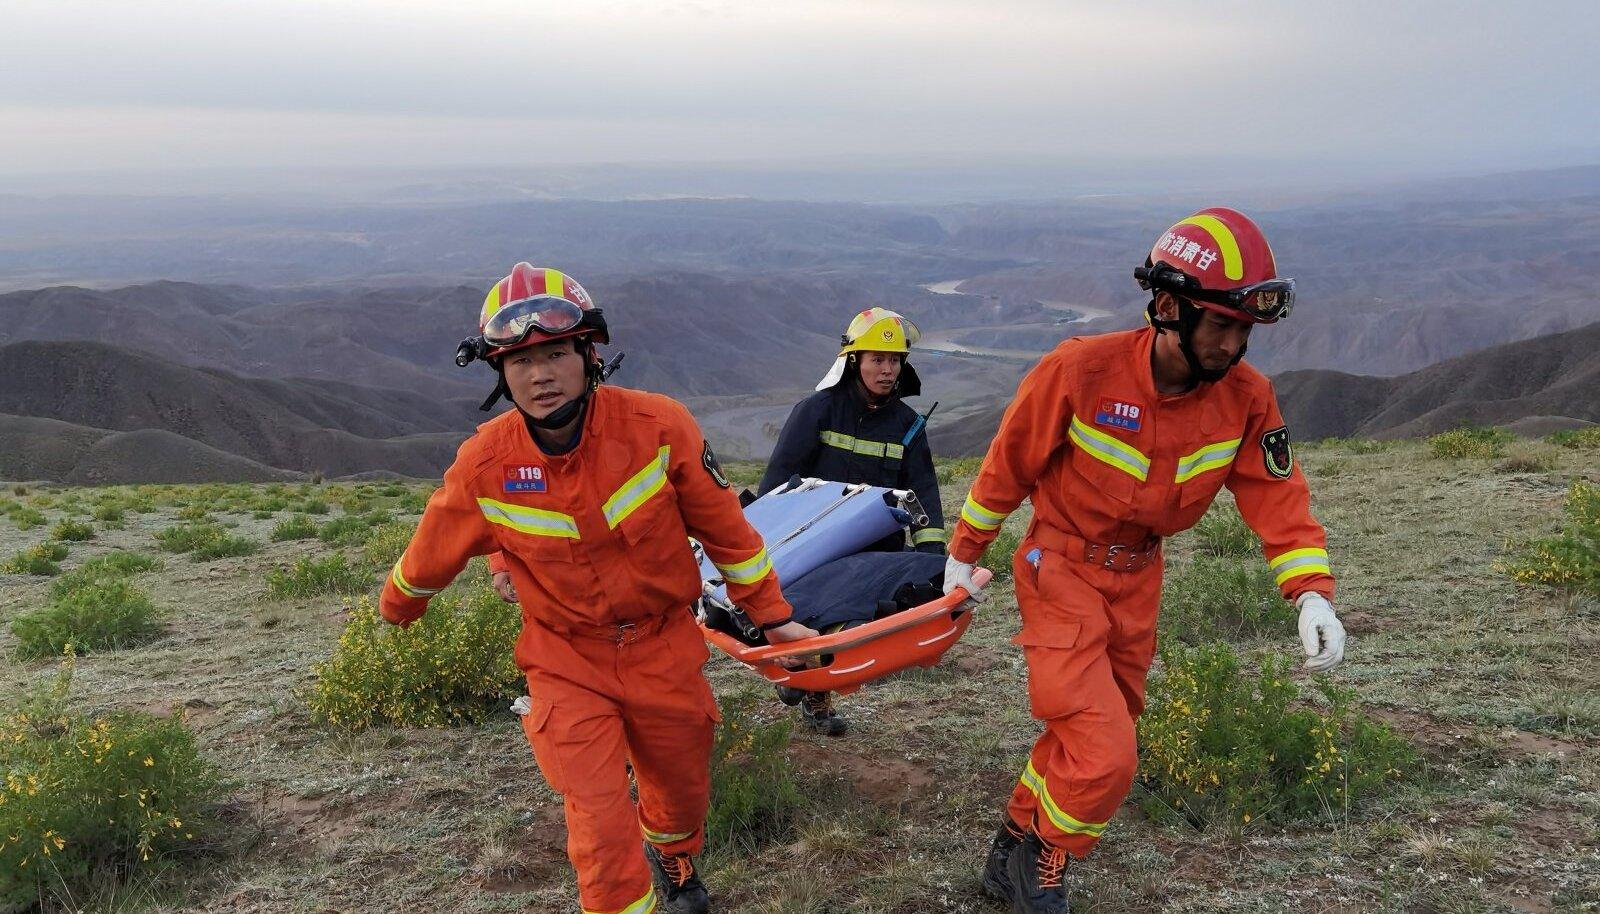 Hiina päästjad otsimas ultrajooksul kadunuks jäänud inimesi.